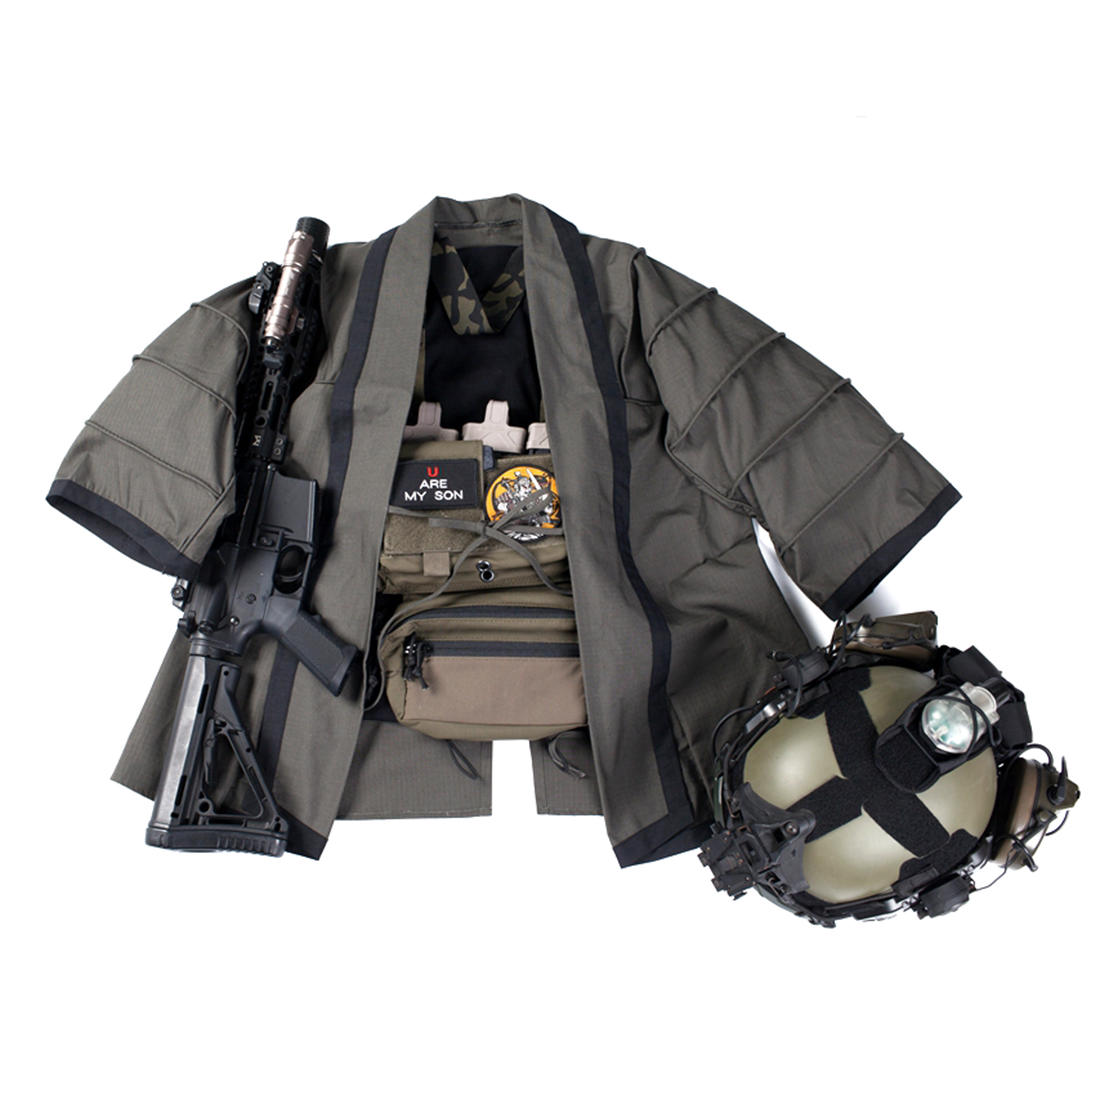 BACRAFT TRN уличная тактическая охотничья куртка тренировочная накидка Боевая хаори куртка для страйкбола-дымчато-зеленая